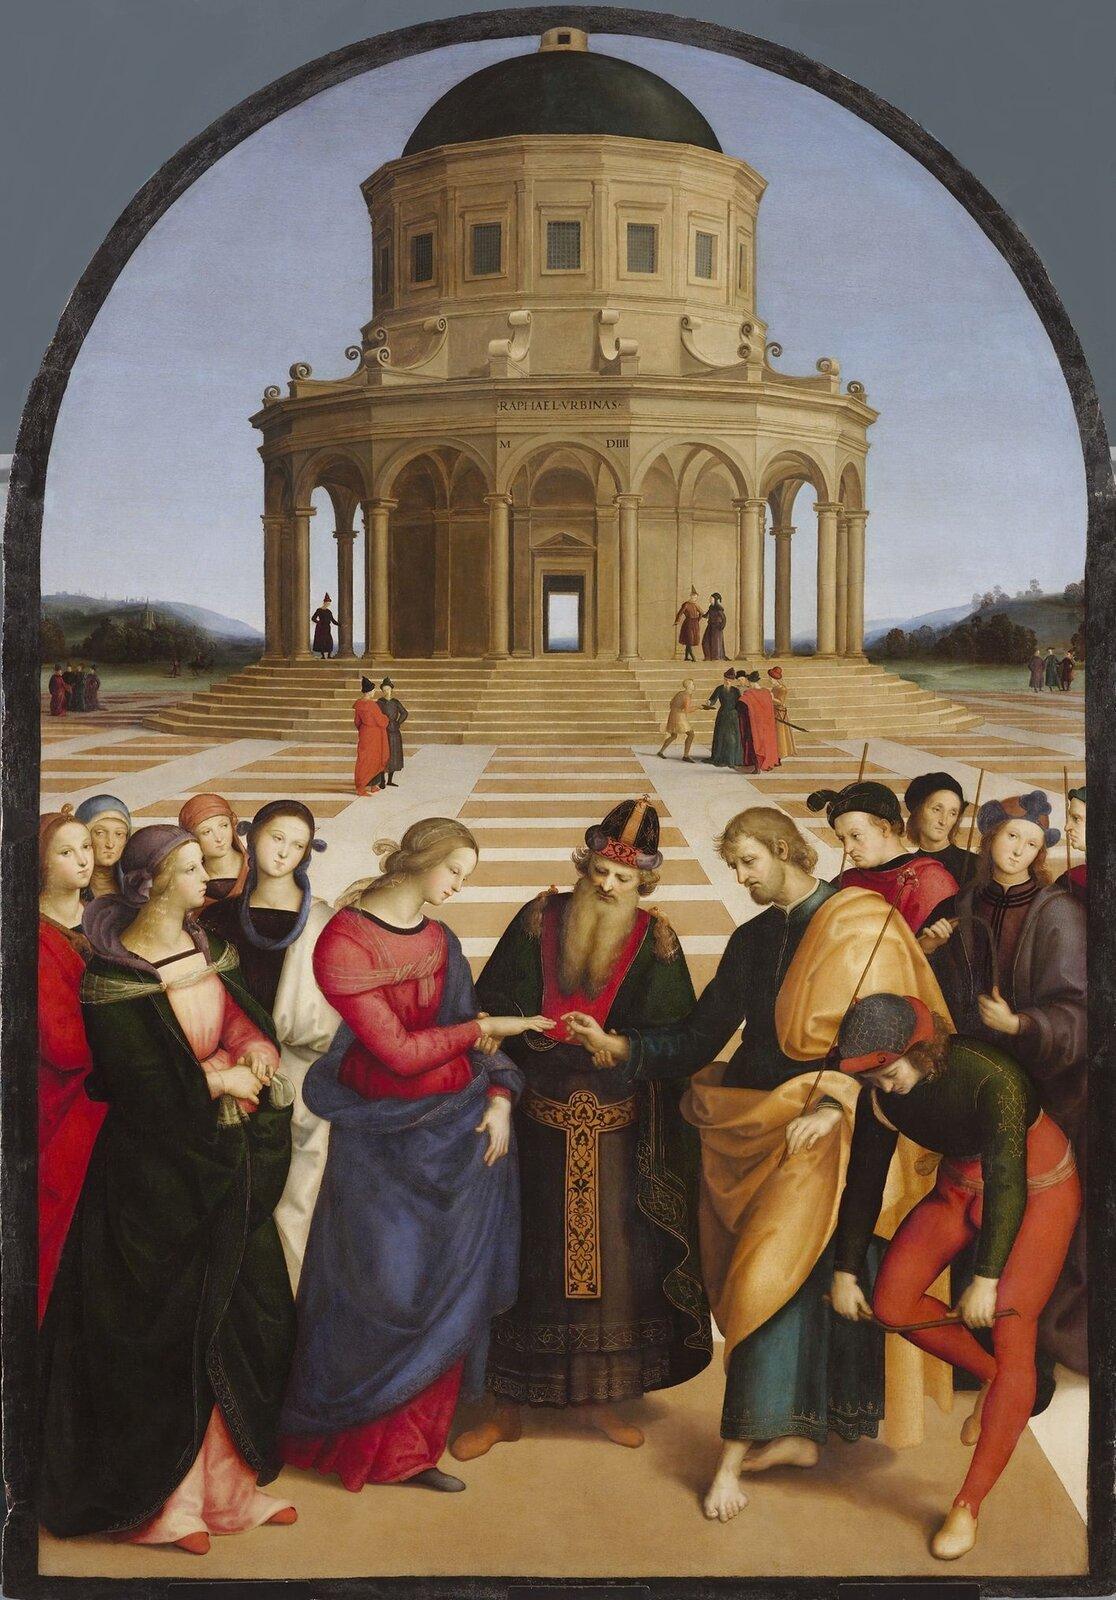 """Ilustracja przedstawia dzieło Rafaela Santi """"Zaślubiny Marii zJózefem"""". Obraz podzielony jest wyraźnie na dwie części, górną idolną. Wdolnej znajduje się scena zaślubin. Pośrodku stoi kapłan, po lewej kobieta ijej orszak składający się zpięciu kobiet odelikatnych rysach twarzy ipełnych wdzięku pozach. Po prawej stoi mężczyzna zgałęzią pokrytą kwiatami iczterej mężczyźni. Na obrazie jest dwanaście postaci. Postać młodzieńca wprawym rogu obrazu, przełamującego gałązkę, jest częstym motywem wikonografii zaślubin. Wgórnej połowie obrazu widoczny jest budynek wstylu tempietta Bramantego. Budynek jest okrągły zfilarami wdolnej kondygnacji ioknami wgórnej. Widać również spacerujących ludzi ispokojny pejzaż wtle."""